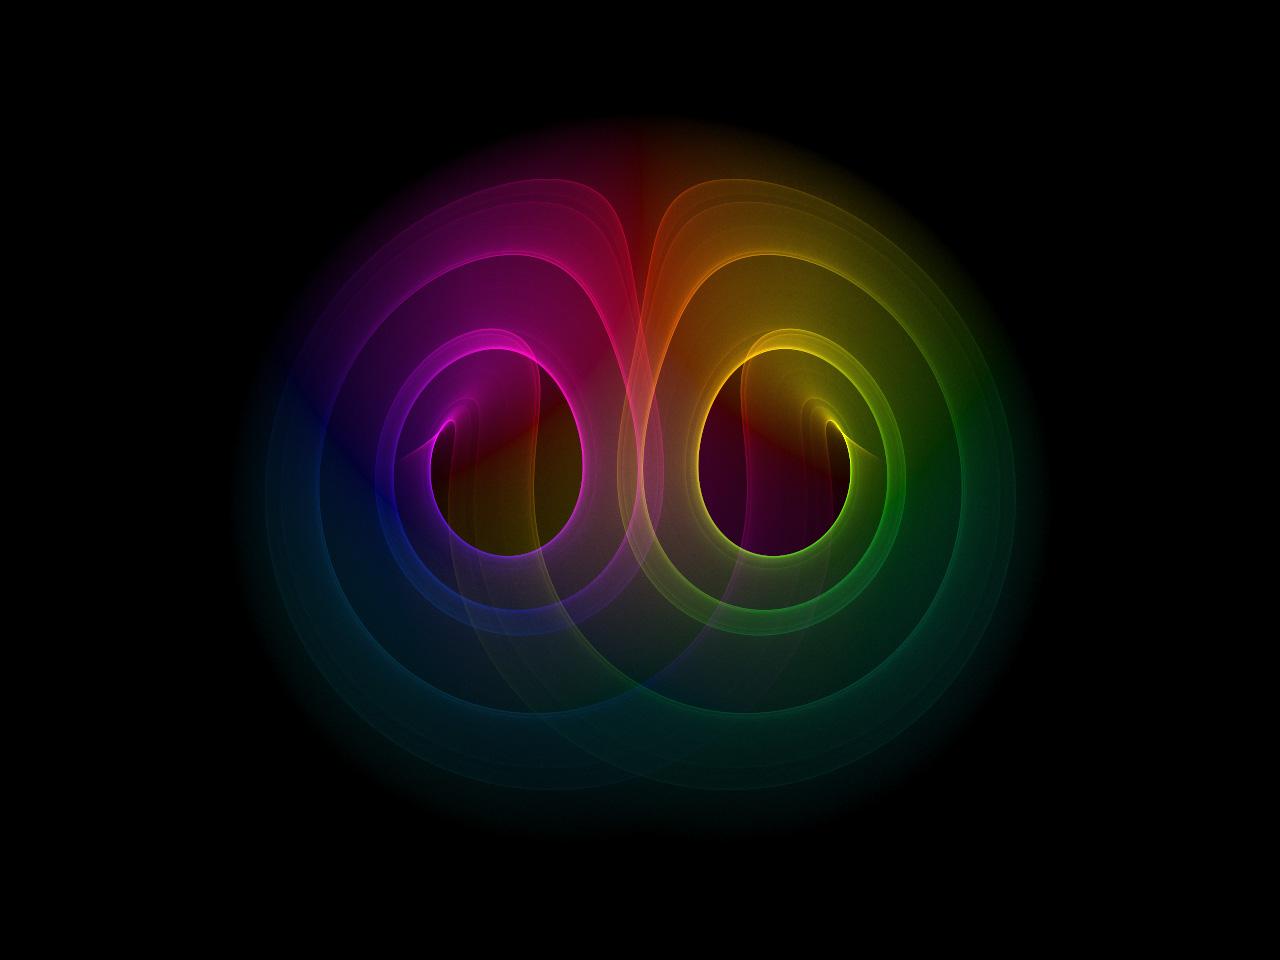 software_lorenz_image01